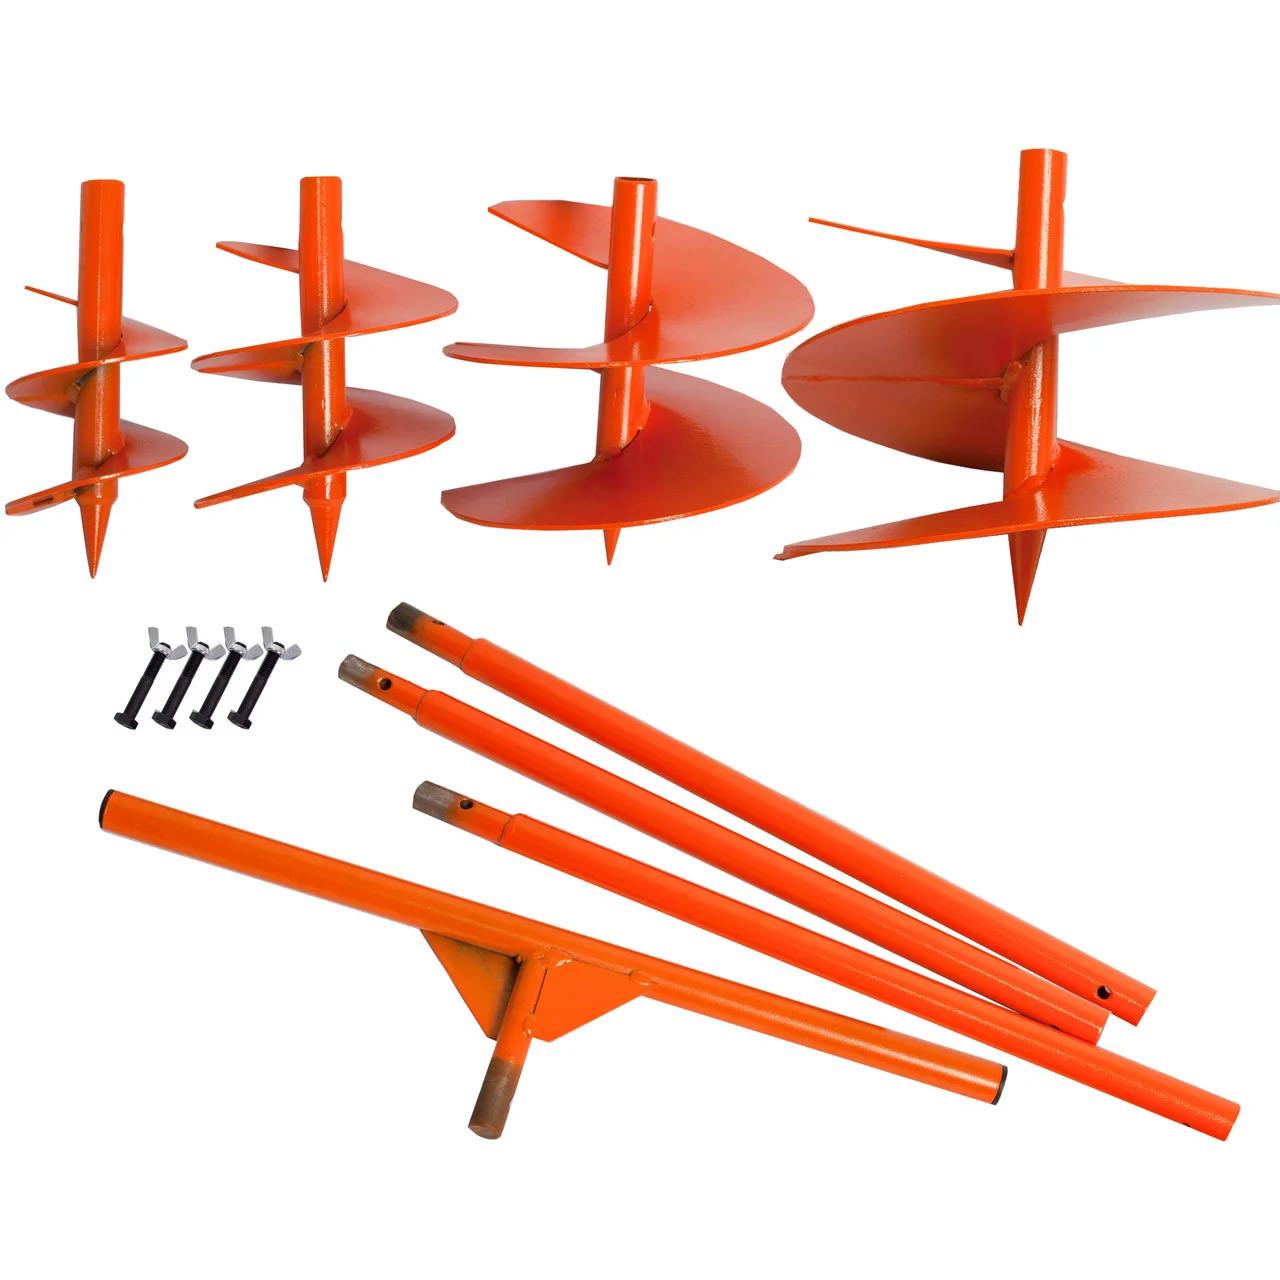 Шнек садово-будівельний бур з насадками 12,17,22,280 см